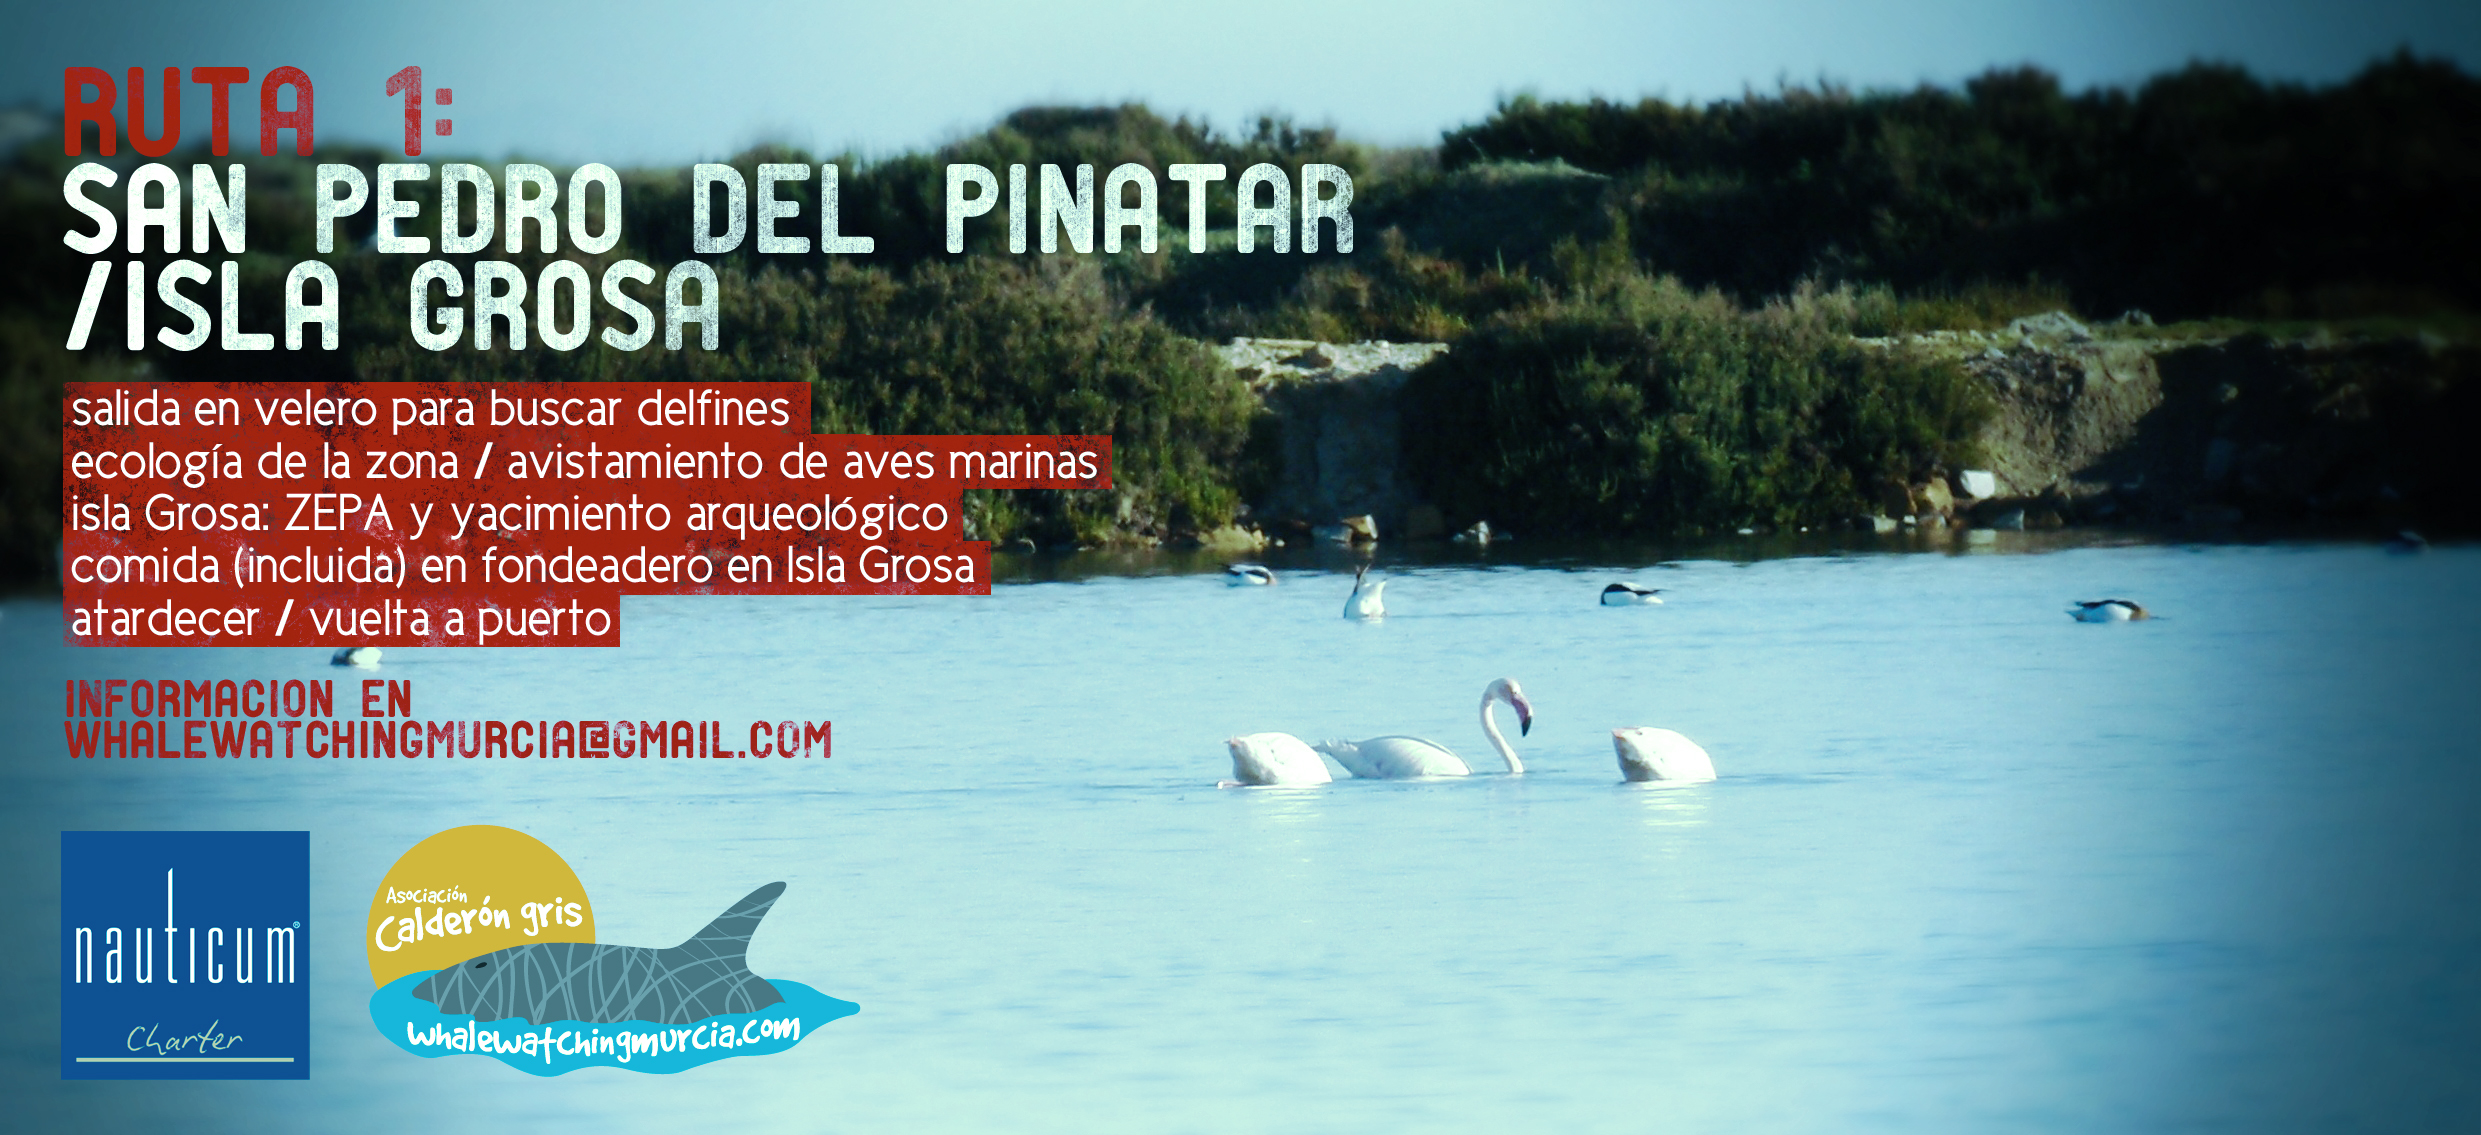 San Pedro avistamiento de cetáceos